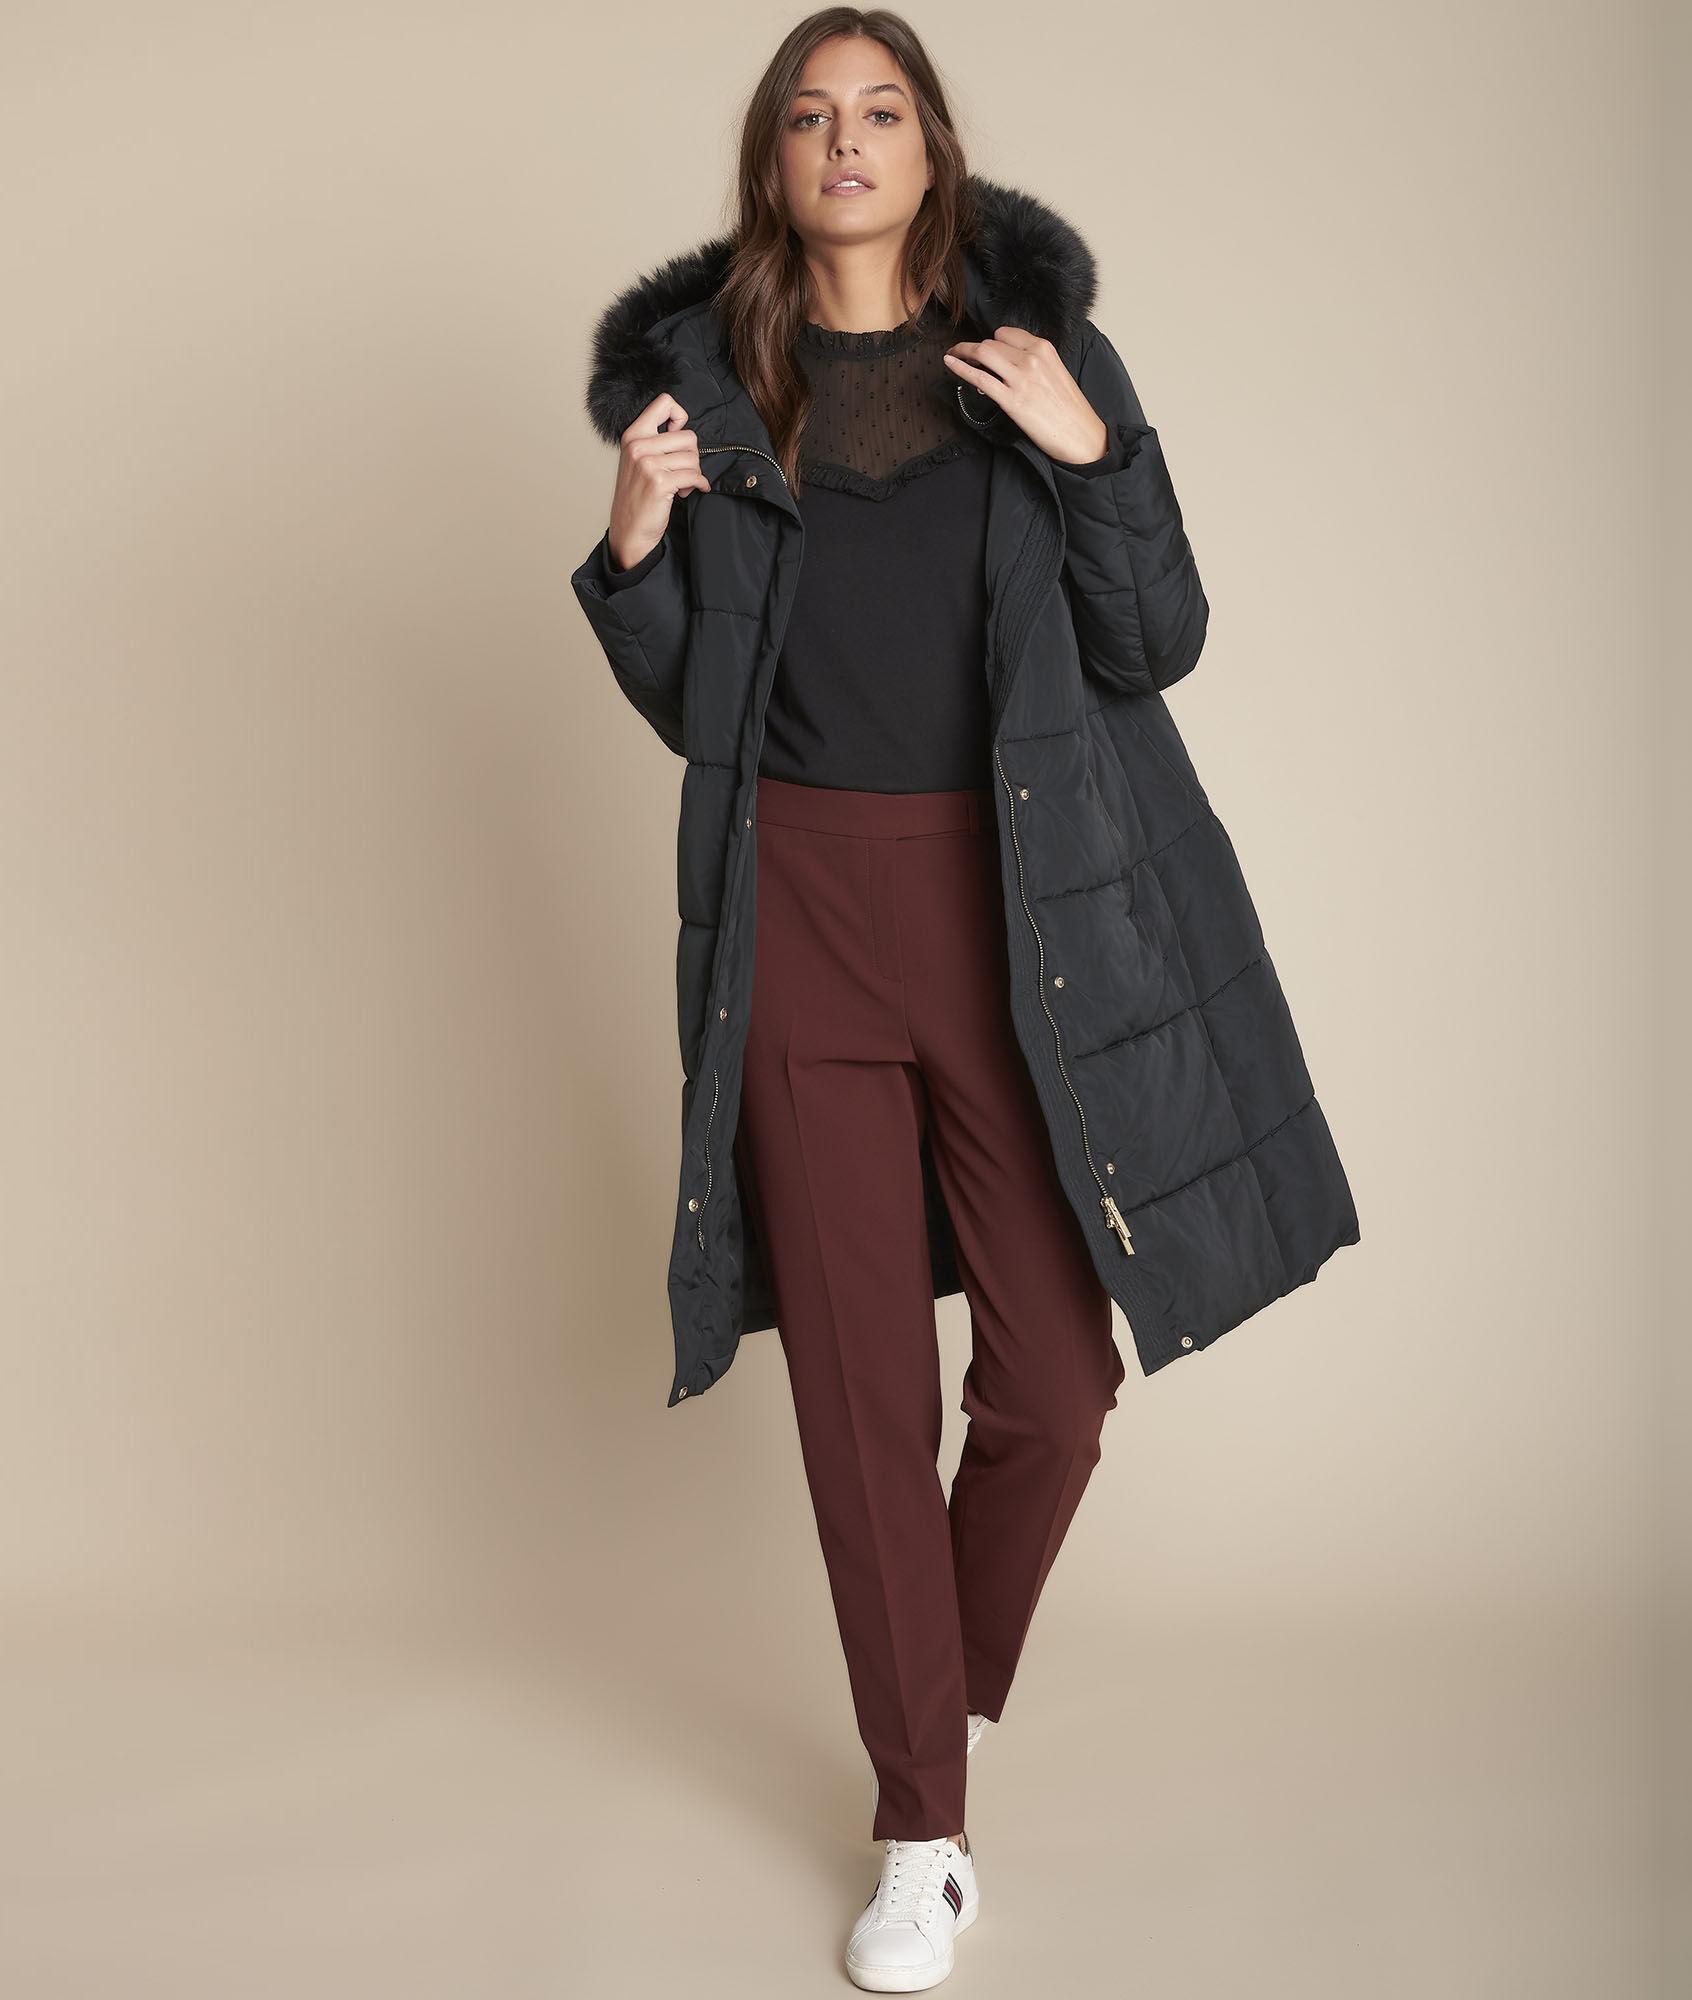 Vêtements soldés Femme : Nouvelle Collection | Maison 123